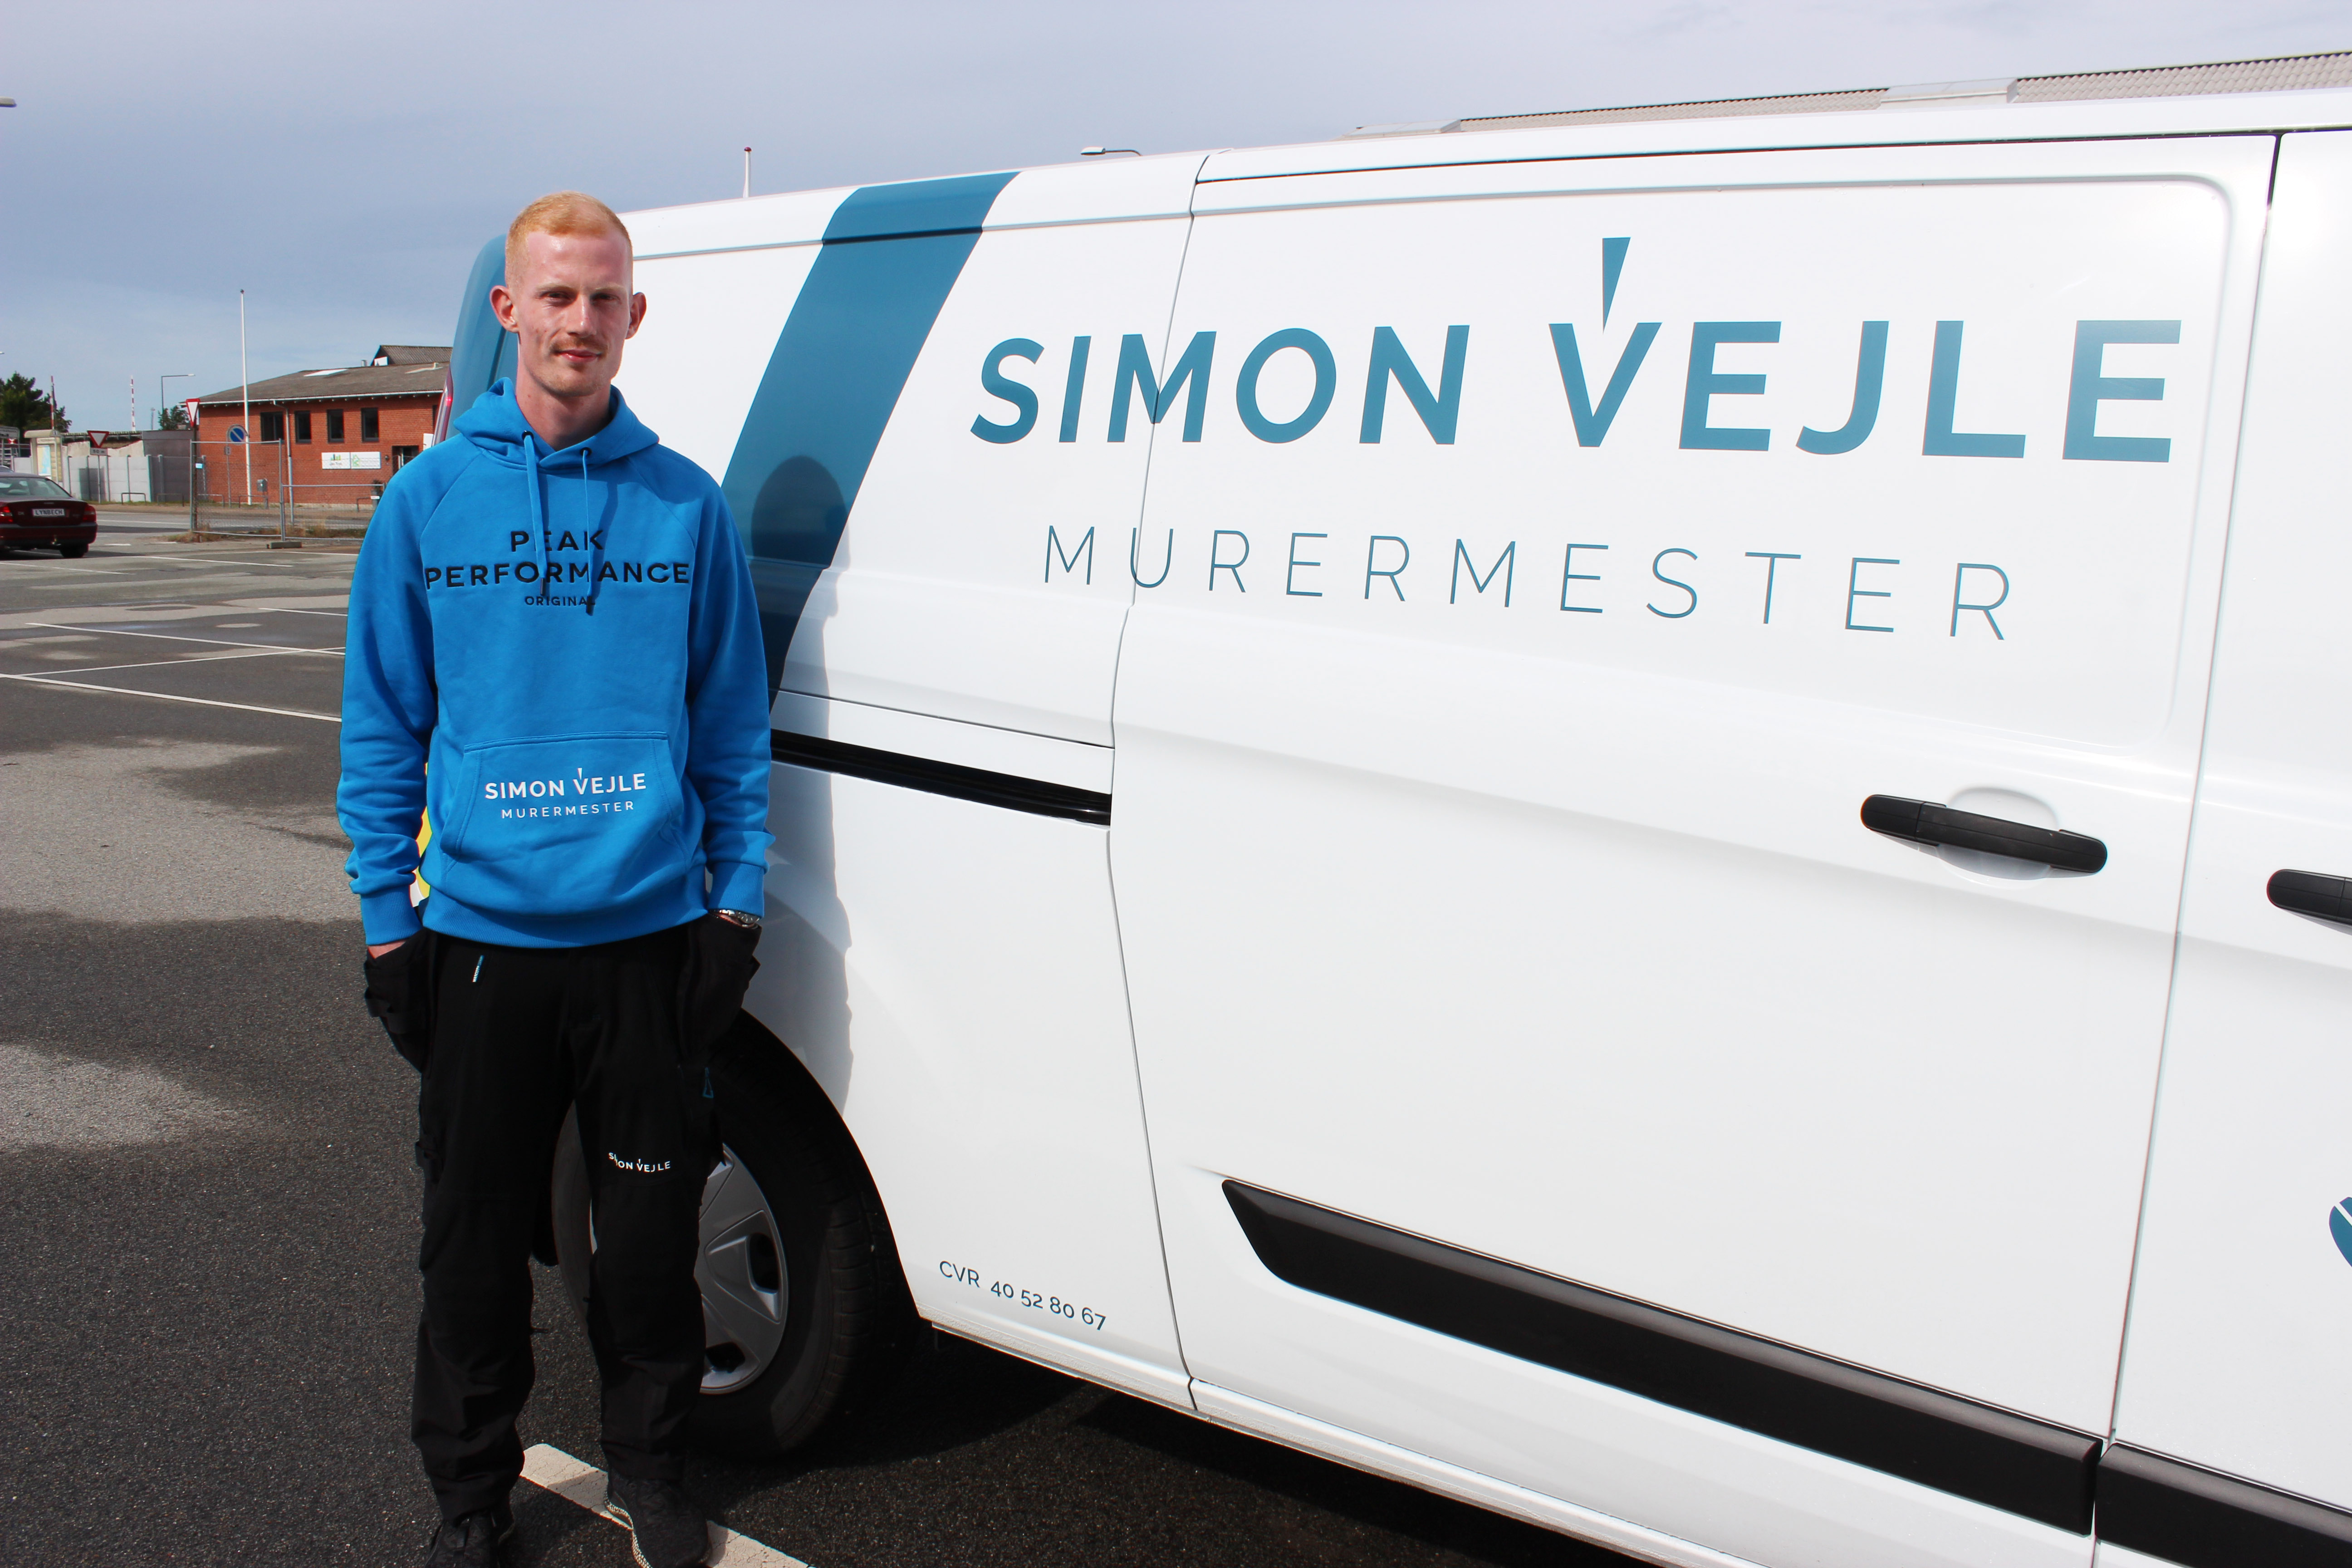 Simon Vejle